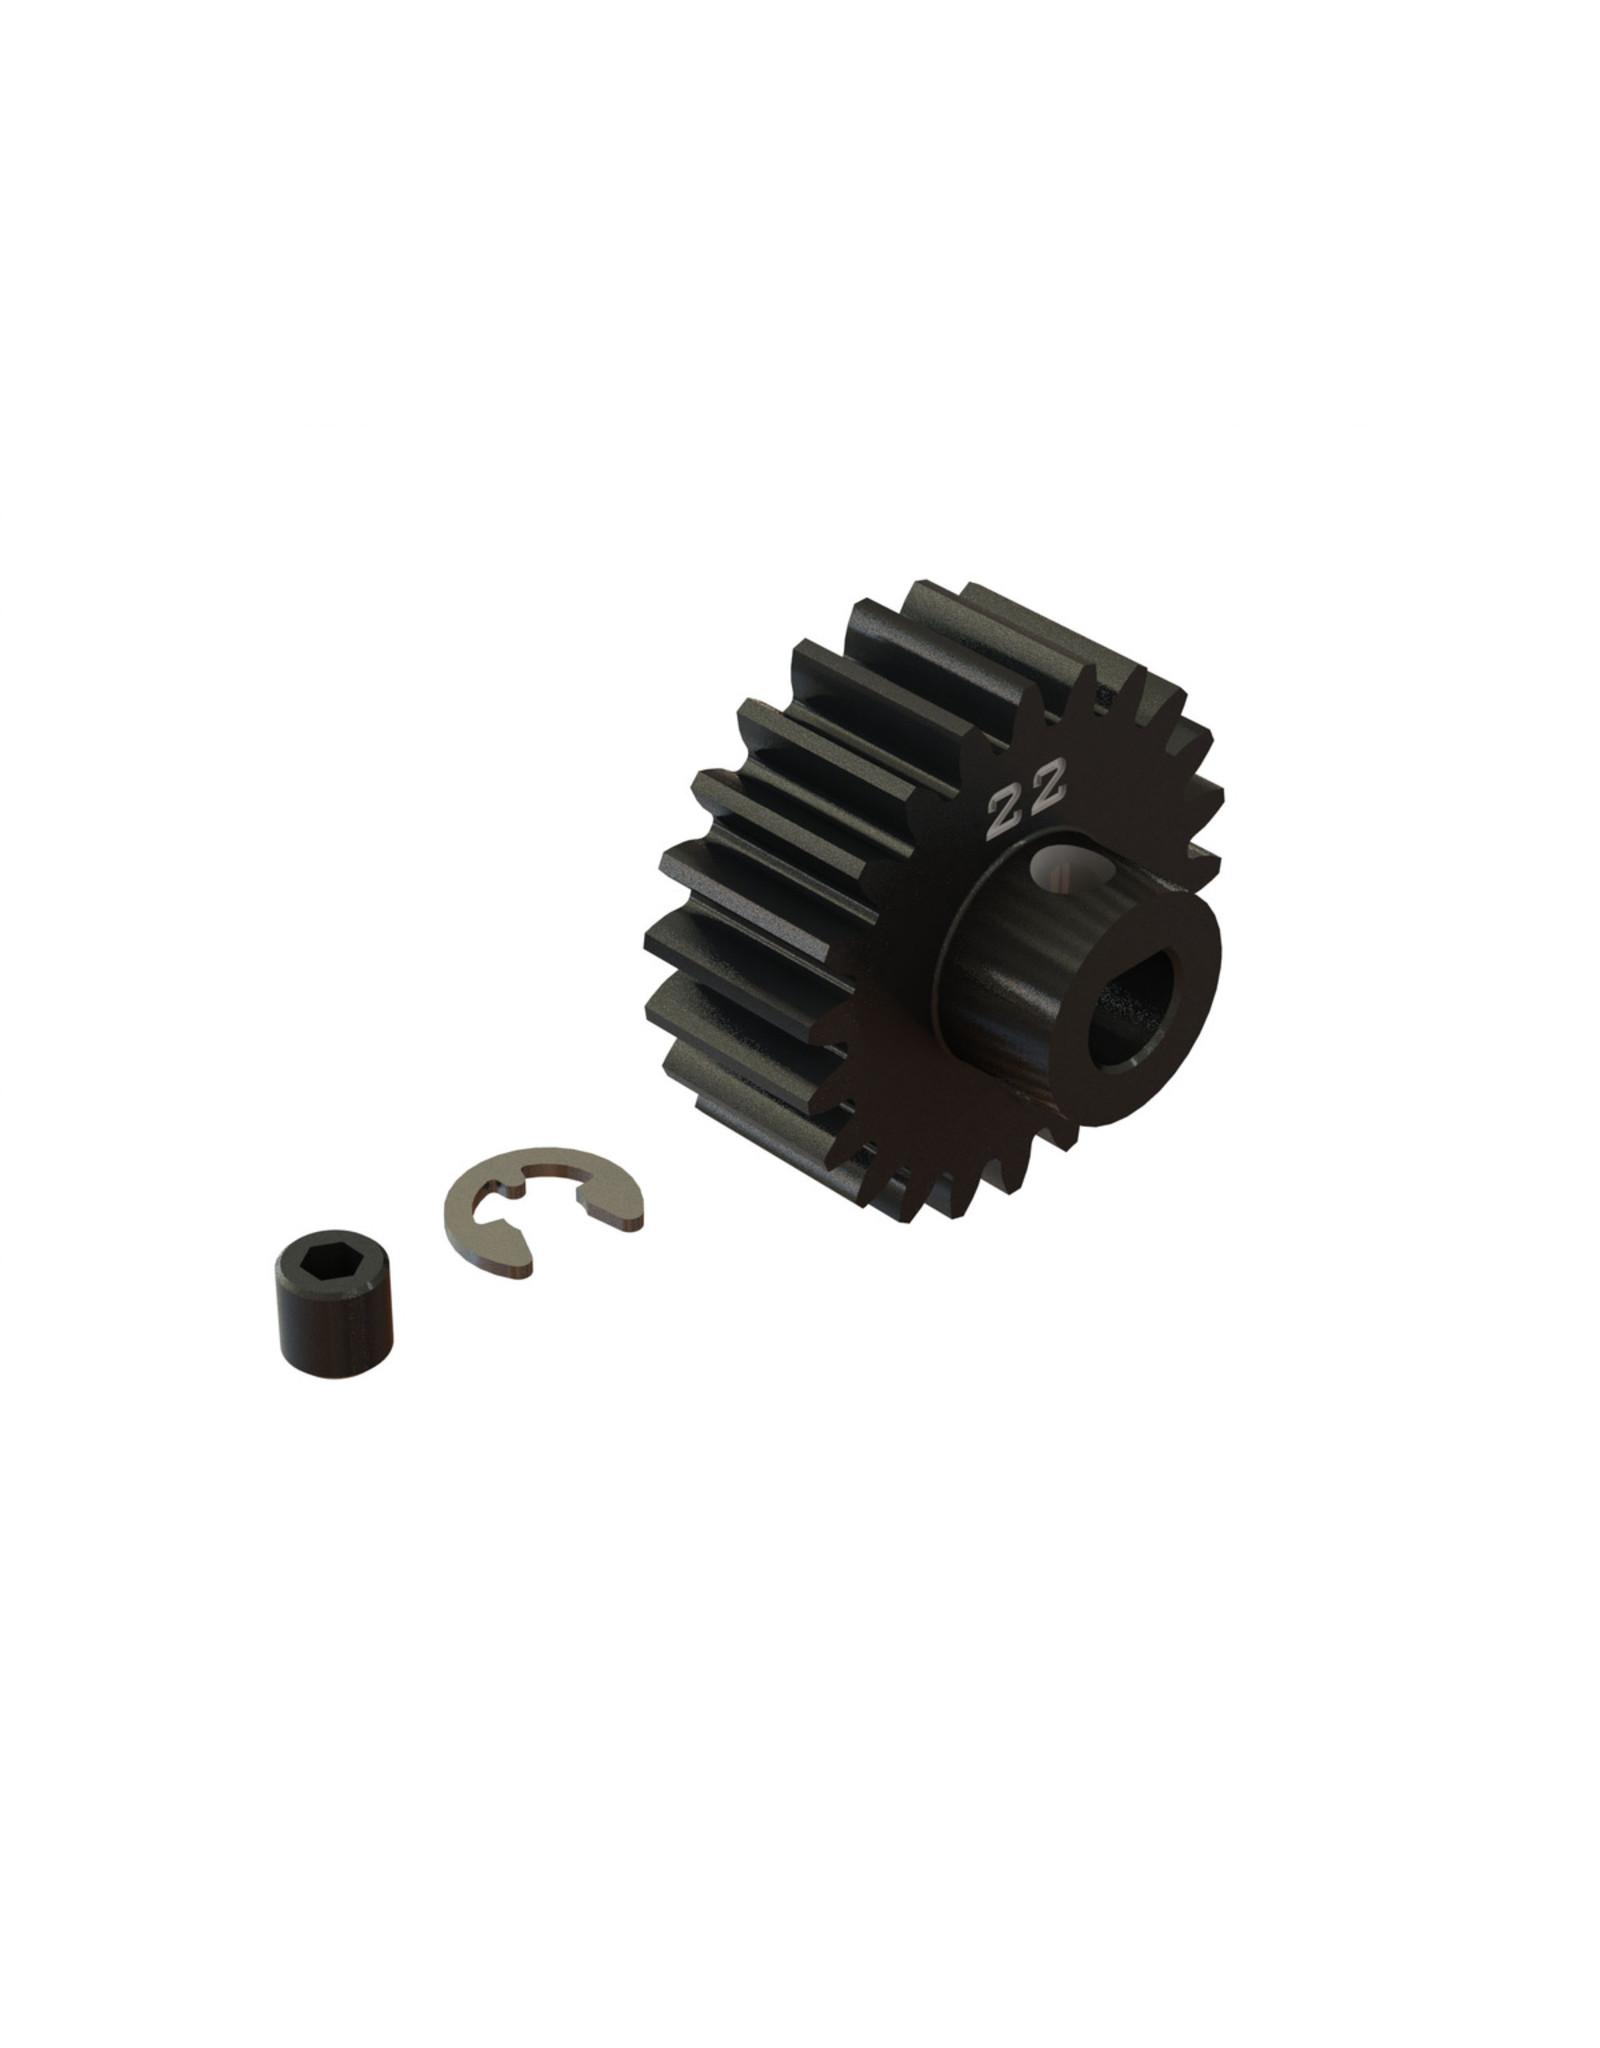 Arrma 22T Mod1 Safe-D5 Pinion Gear (310969)